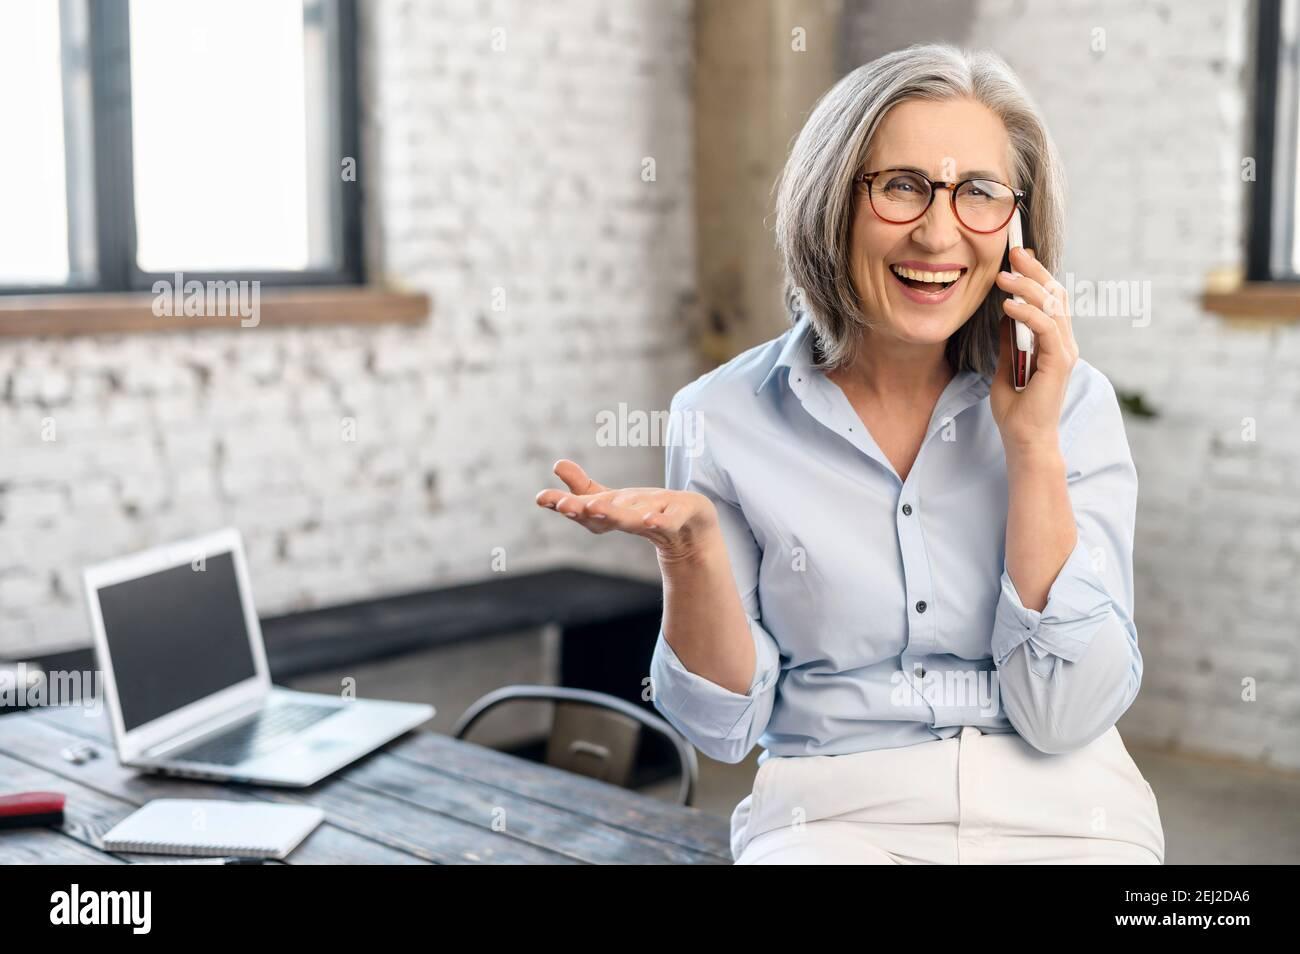 Femme d'affaires moderne et excitée Manager en lunettes et tenue décontractée debout dans le bureau, prendre une pause pour appeler et parler à la famille, tenant Banque D'Images